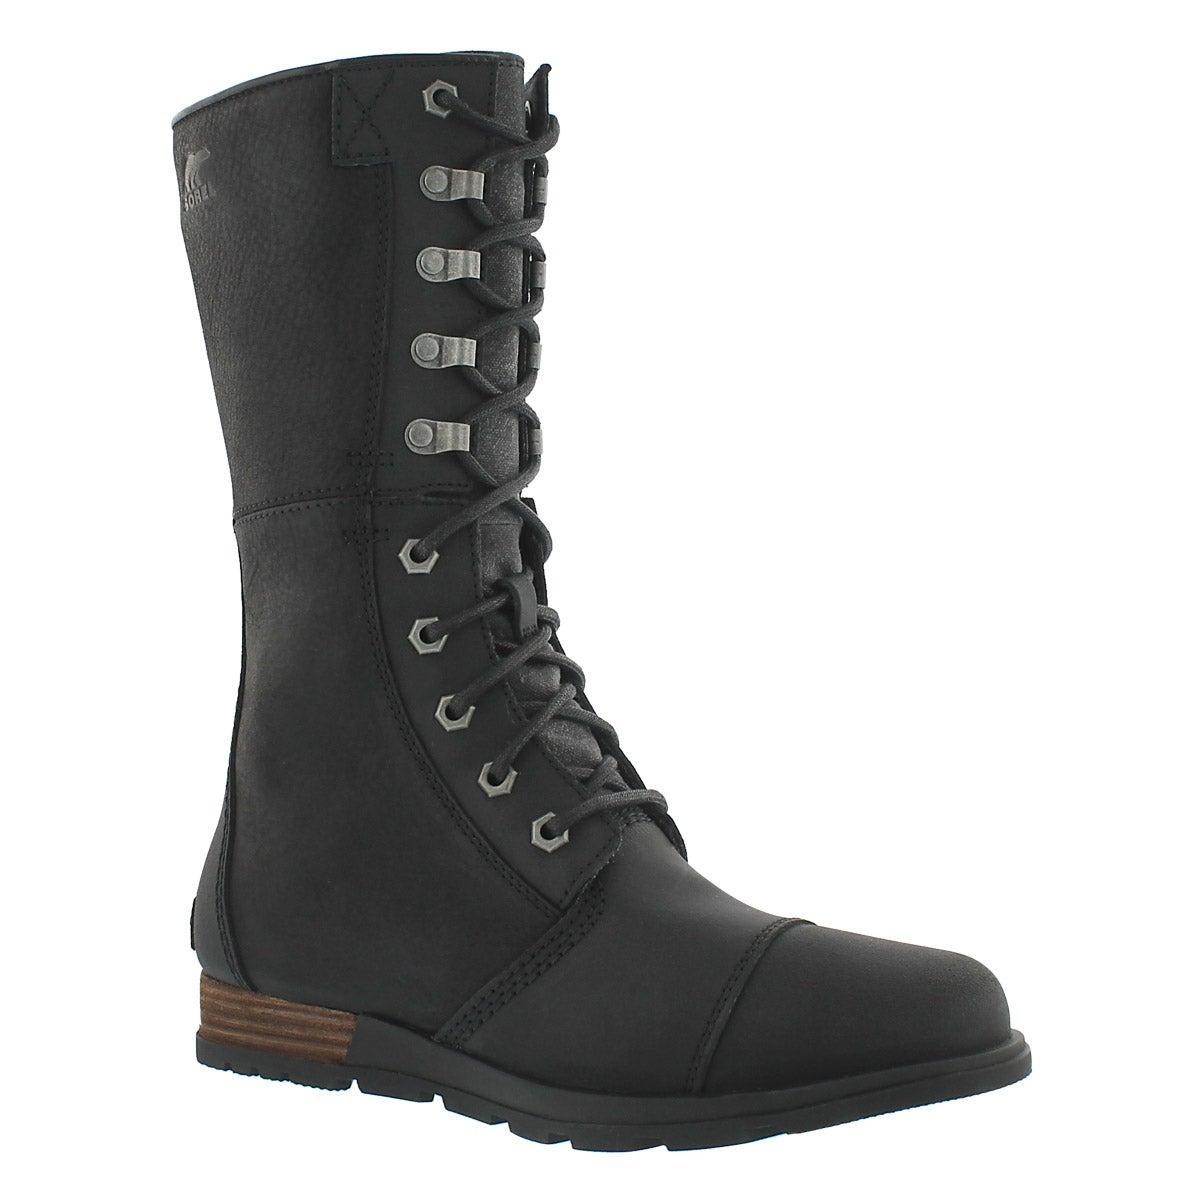 Lds Major Maverick blk mid-calf boot